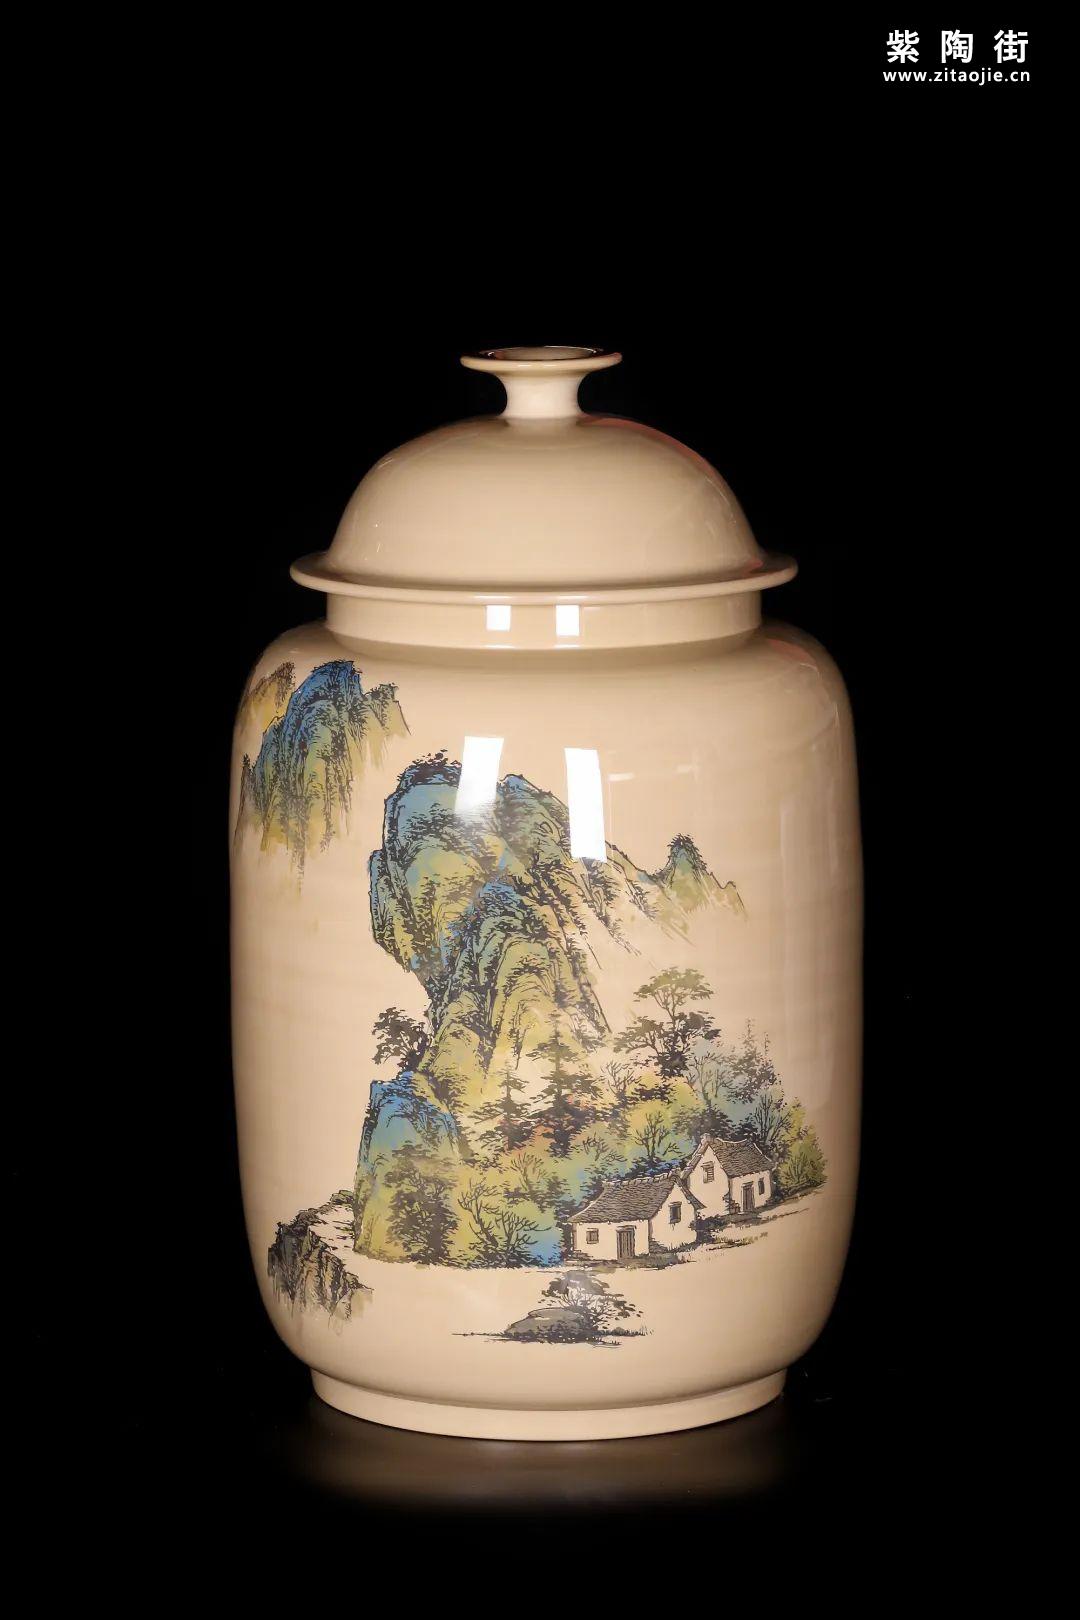 廖建忠、廖渊涵的青绿山水装饰紫陶缸插图4